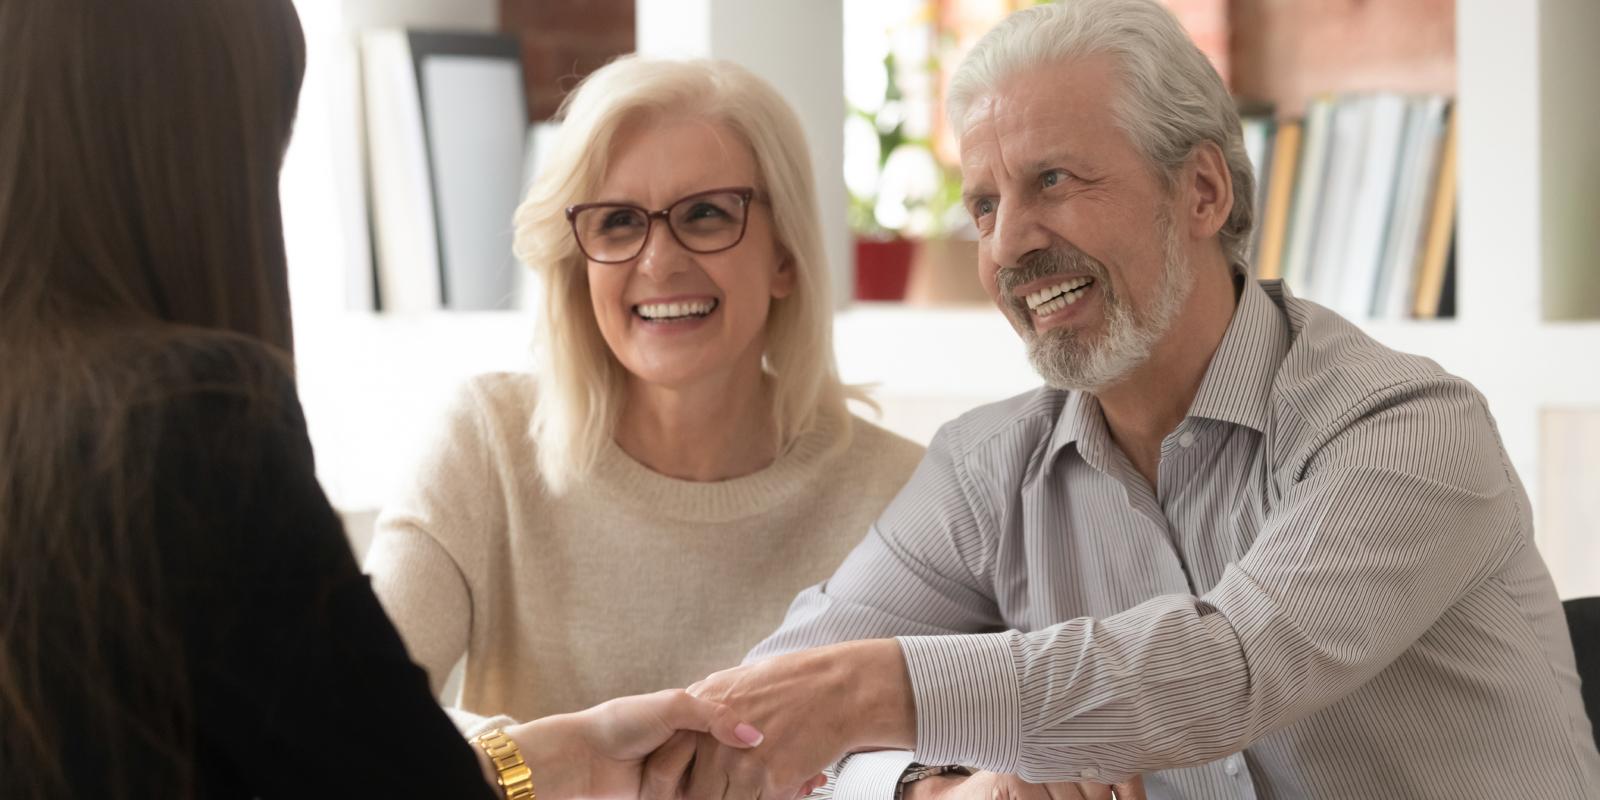 Desaposentação: como fica o benefício do aposentado que continua trabalhando?